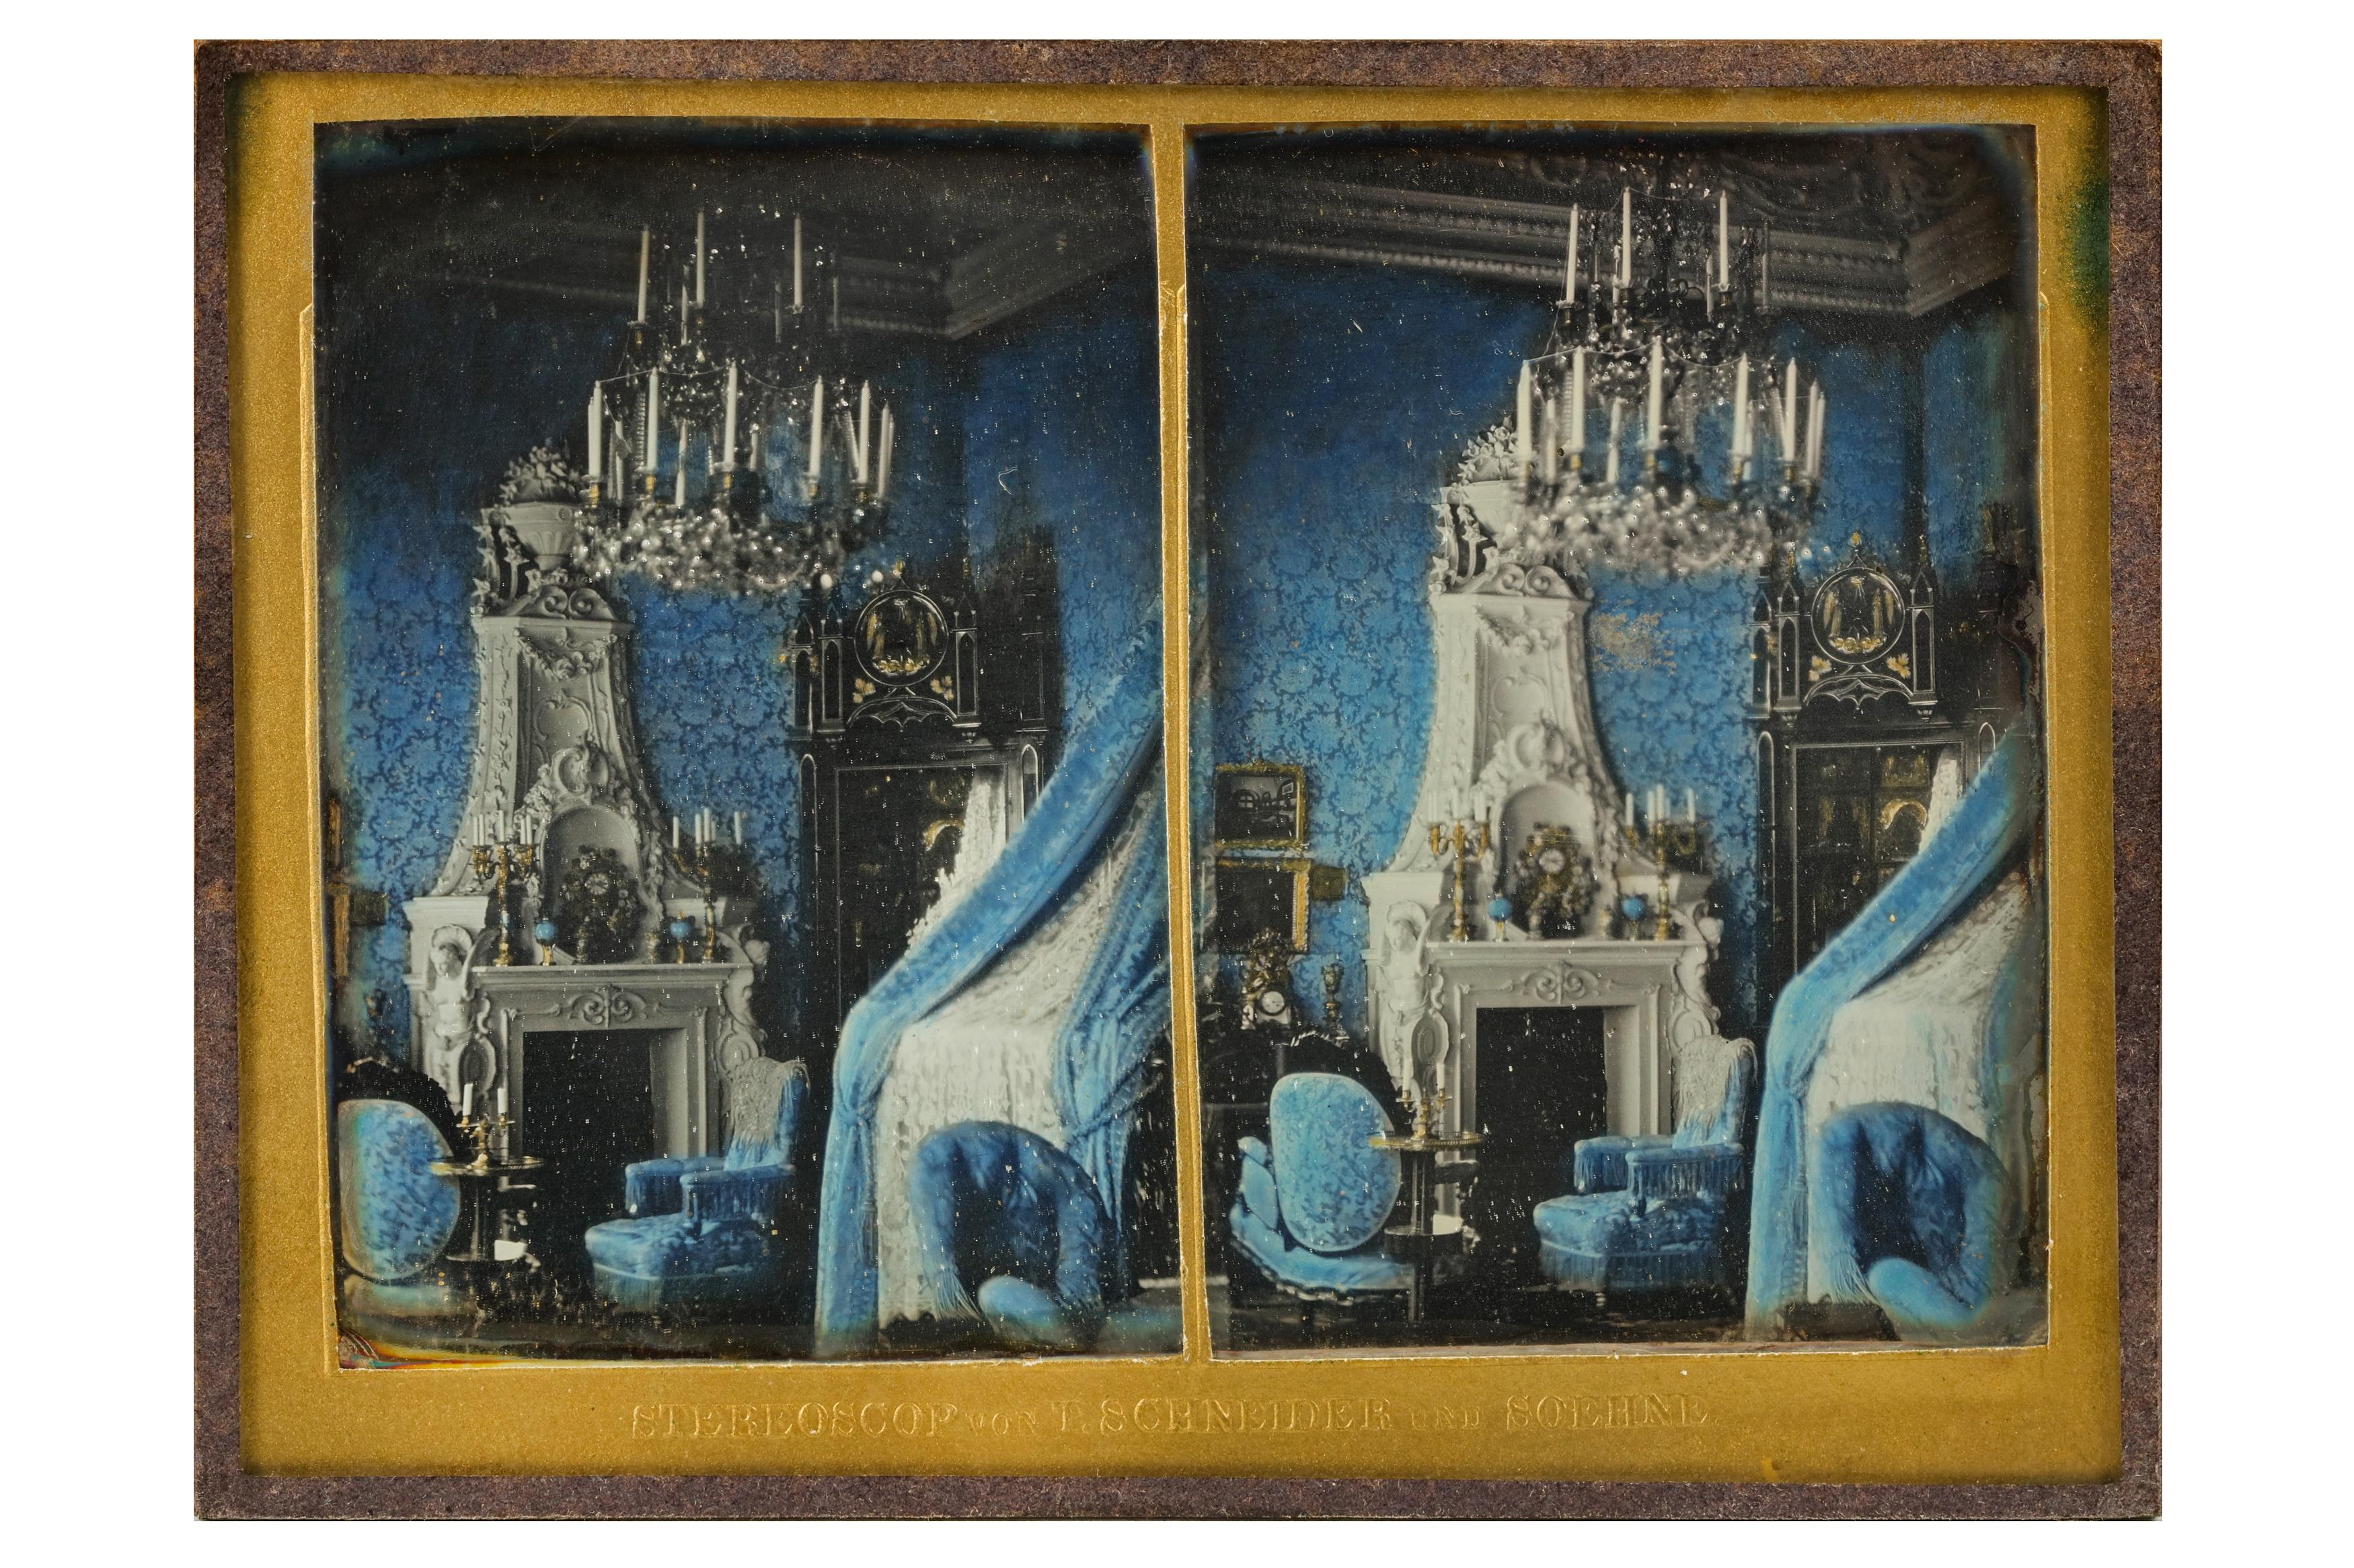 T. SCHNEIDER & SONS (1847-1921) - Image 18 of 22